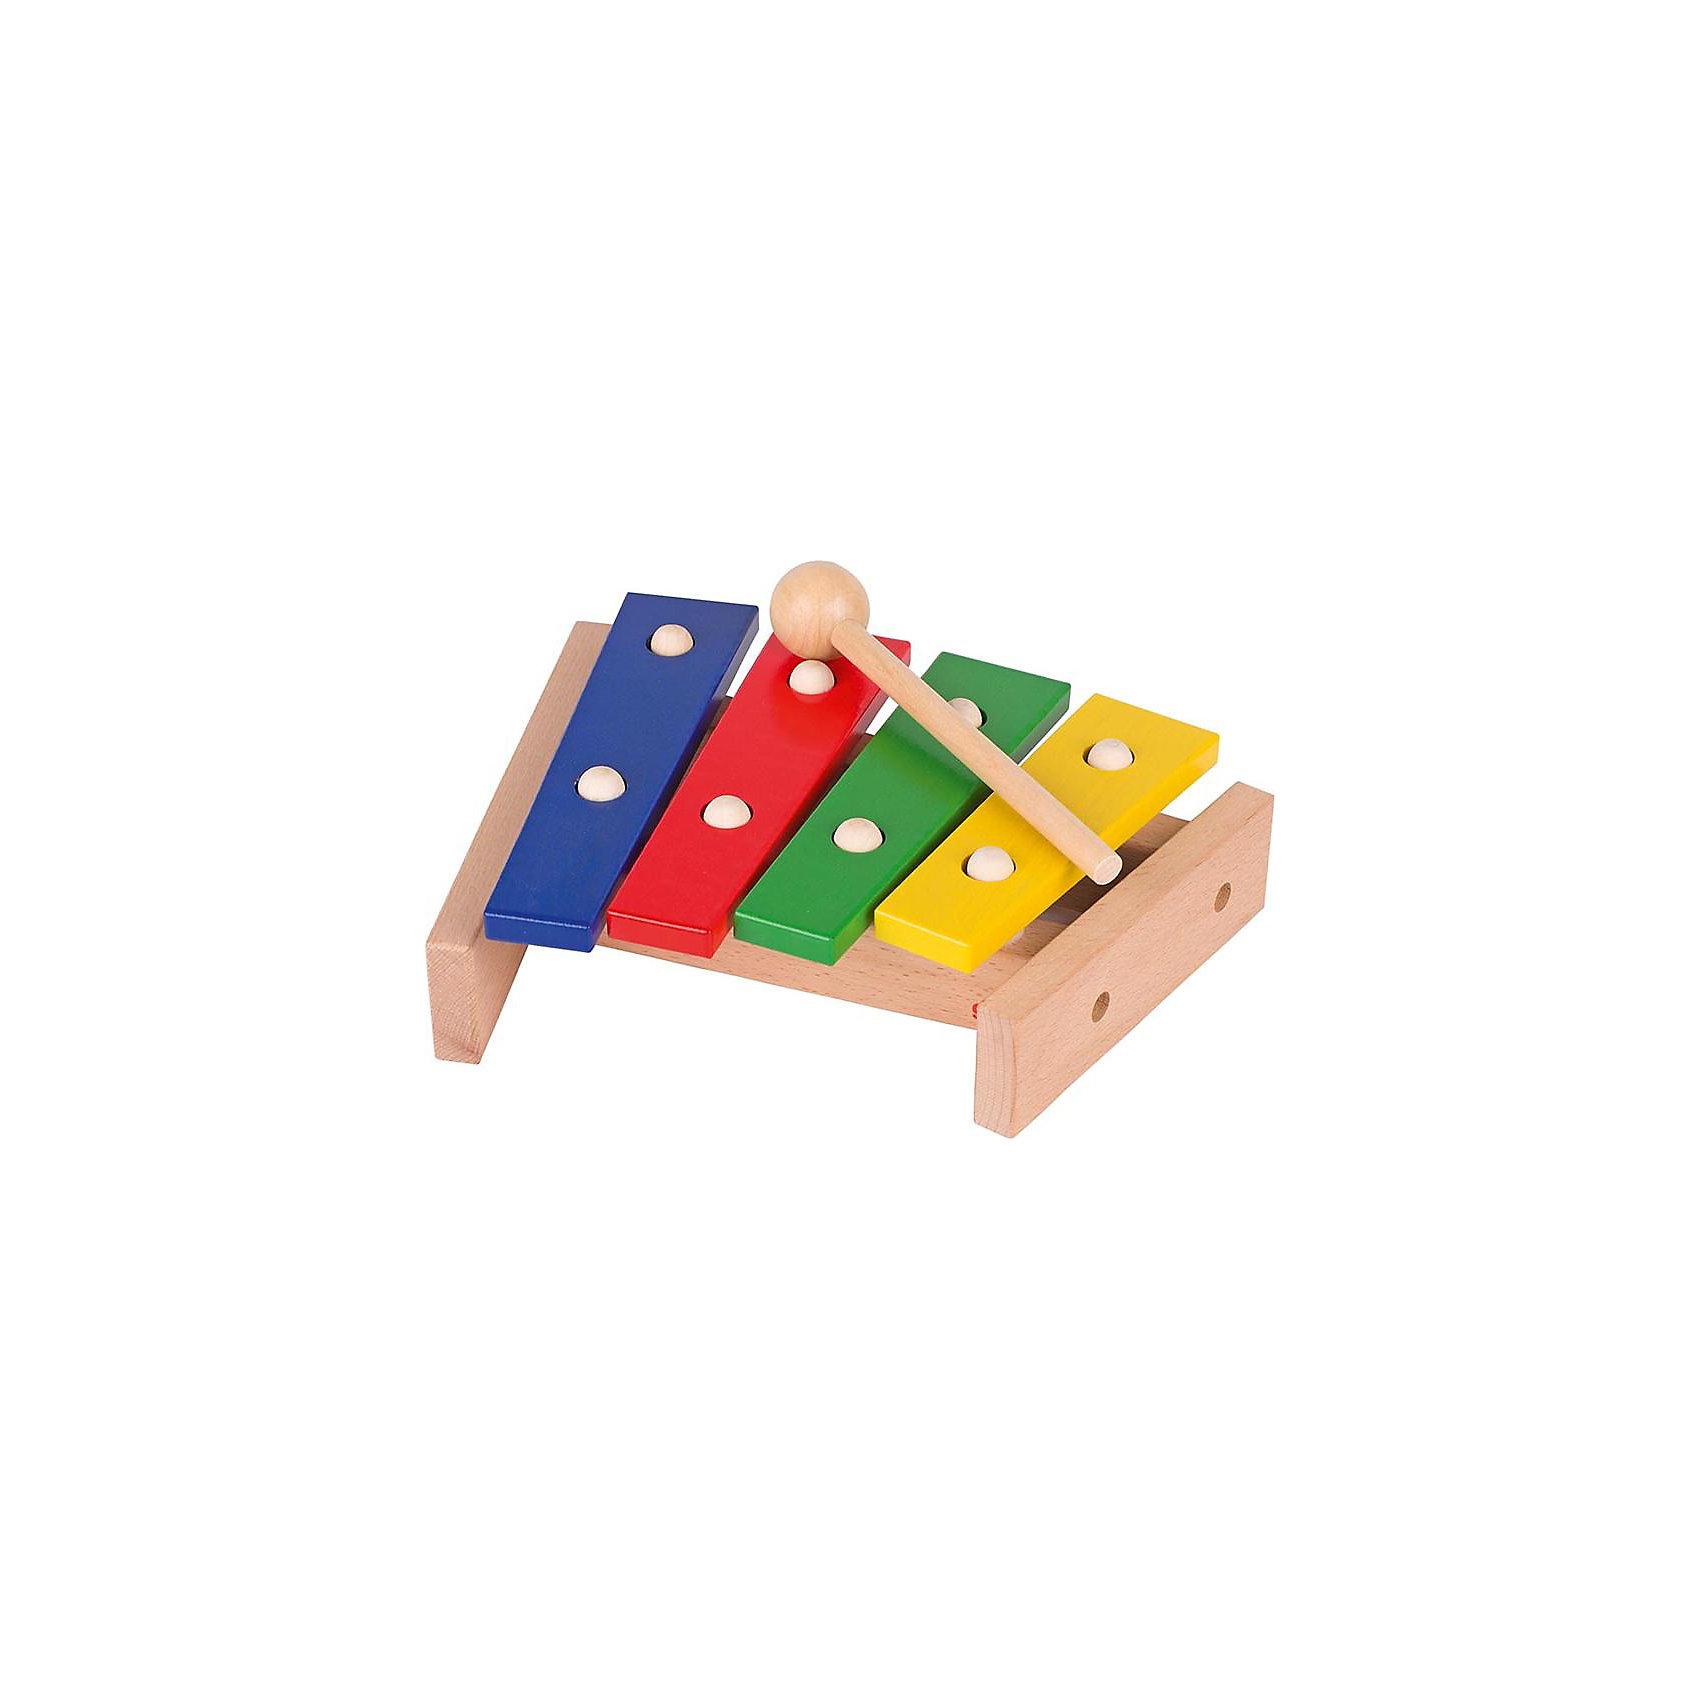 Ксилофон 4 ноты, gokiДеревянные музыкальные игрушки<br>Ксилофон 4 ноты, goki (Гоки)<br><br>Характеристики:<br><br>• яркие цвета клавиш<br>• удобная ручка молоточка<br>• количество клавиш: 4<br>• материал: дерево<br>• размер: 22,5 см<br><br>Все малыши любят громкие звуки, особенно если эти звуки издает их игрушка. Ксилофон от бренда Goki понравится вашей крохе, ведь он яркий и способен издавать четкие и громкие звуки. Ксилофон имеет 4 разноцветные клавиши с разным звучанием и удобный деревянный молоточек с круглым кончиком. Стуча по клавишам, ребенок будет развивать музыкальное восприятие и слух. Порадуйте своего малыша ярким и звонким музыкальным инструментом!<br><br>Ксилофон 4 ноты, goki (Гоки)вы можете купить в нашем интернет-магазине.<br><br>Ширина мм: 225<br>Глубина мм: 200<br>Высота мм: 60<br>Вес г: 9999<br>Возраст от месяцев: 12<br>Возраст до месяцев: 1164<br>Пол: Унисекс<br>Возраст: Детский<br>SKU: 2411599